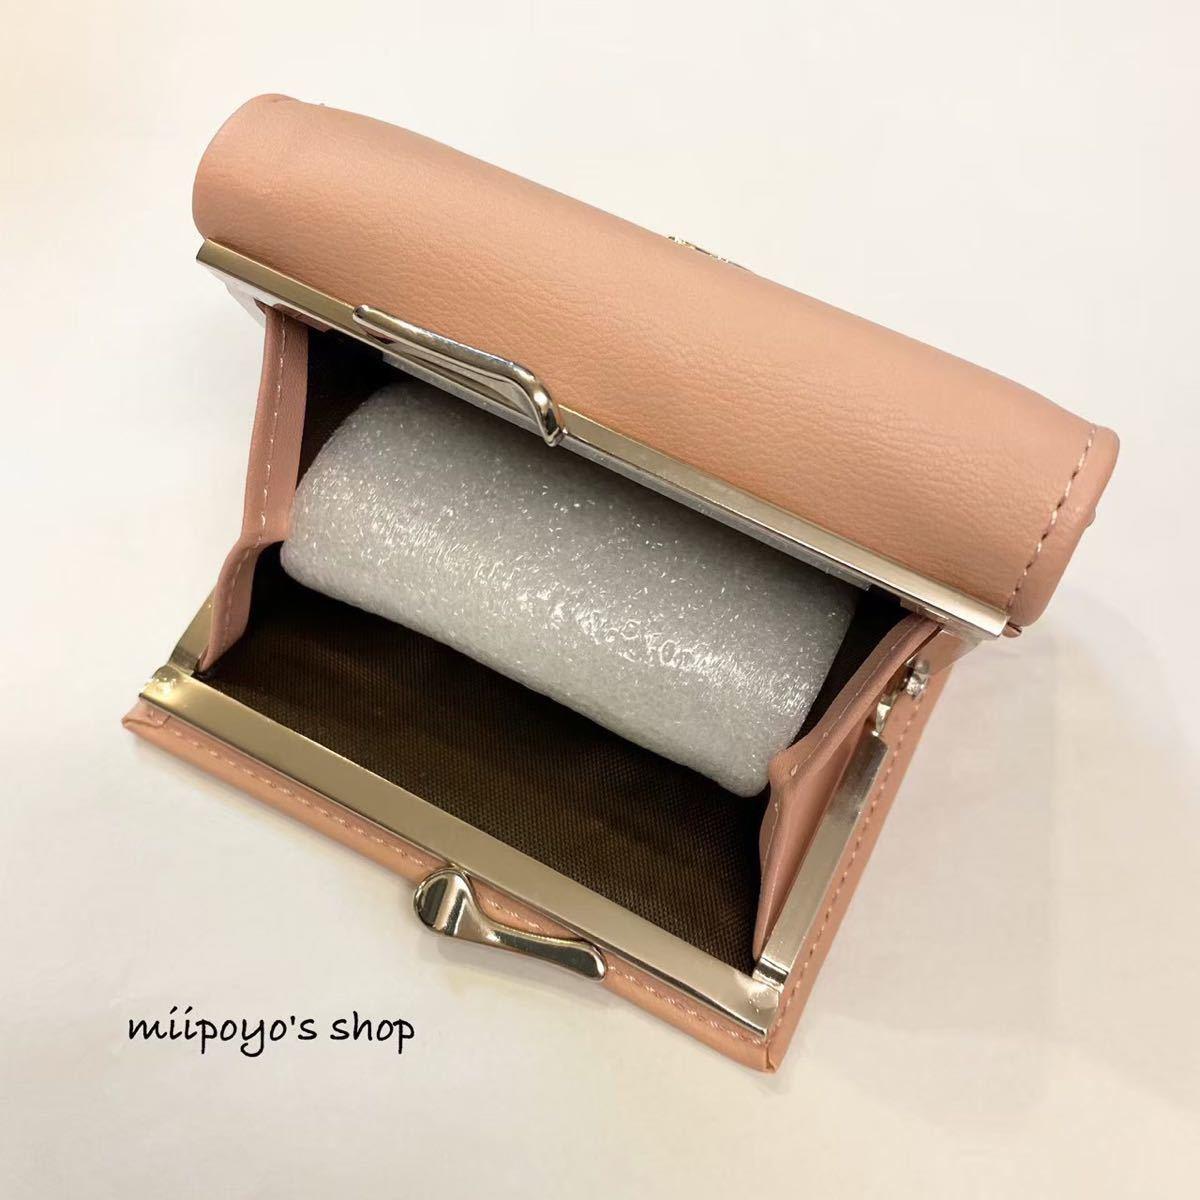 コインケース ミニ財布 小銭入れ 3つ折り 財布 コンパクト ウォレット ピンク プチプラ カラバリ豊富